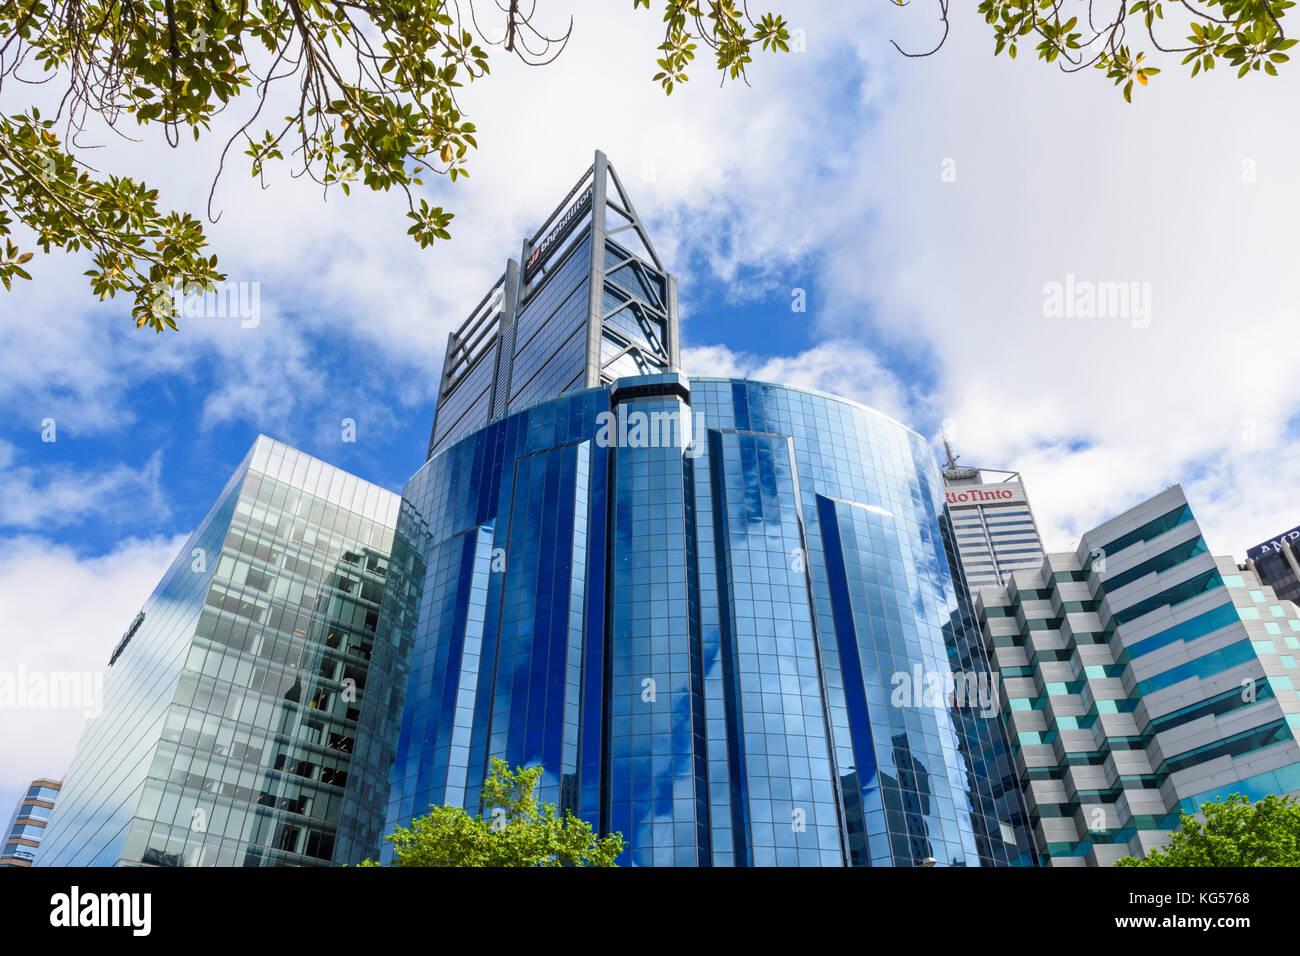 Árbol rascacielos enmarcadas de Perth cbd incluyendo BHP Billiton y ...